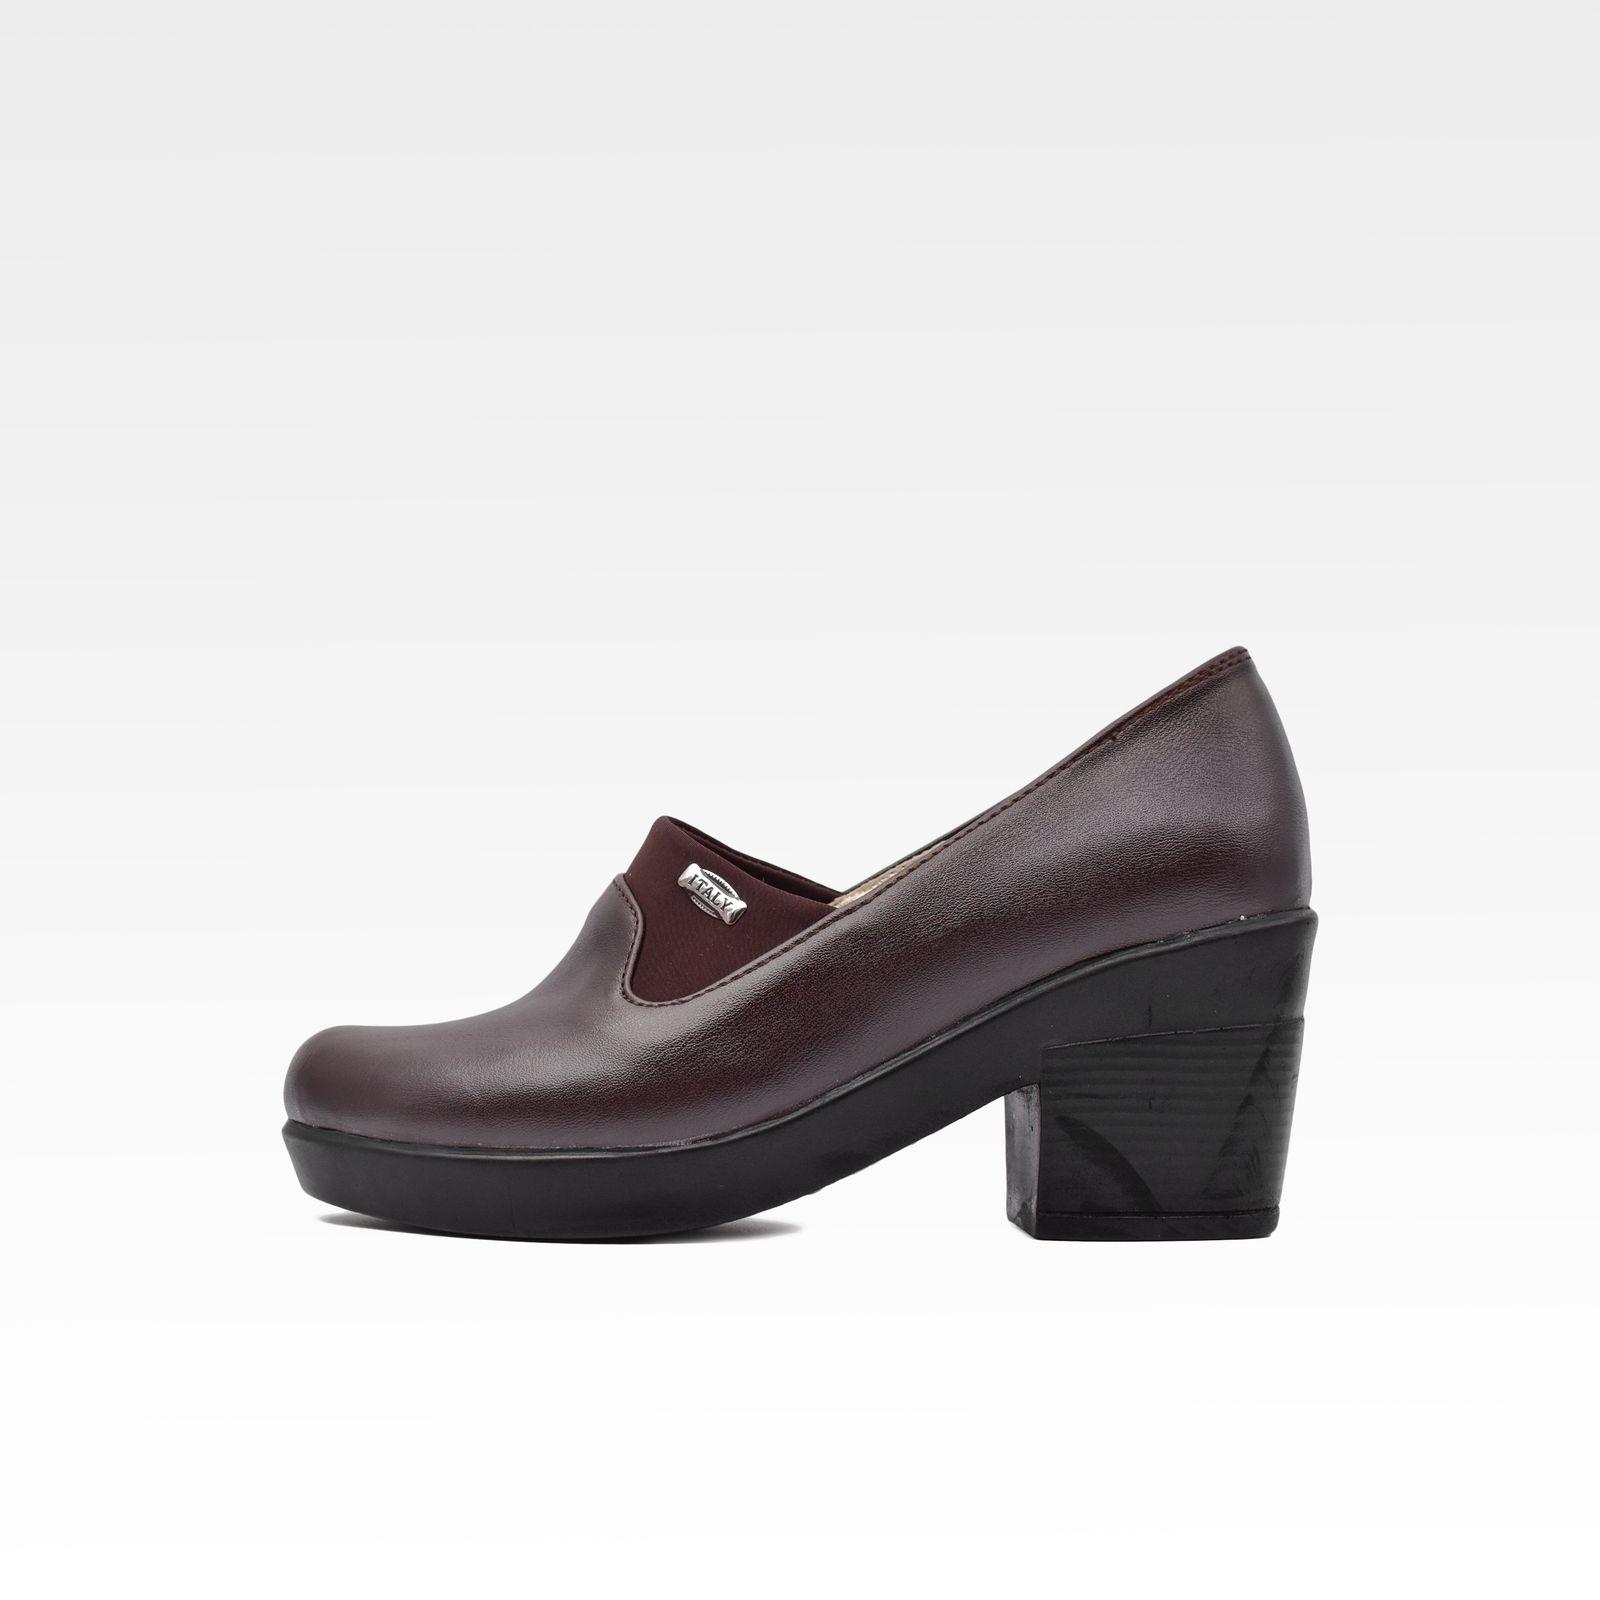 کفش زنانه مدل سحر کد 6975 -  - 1